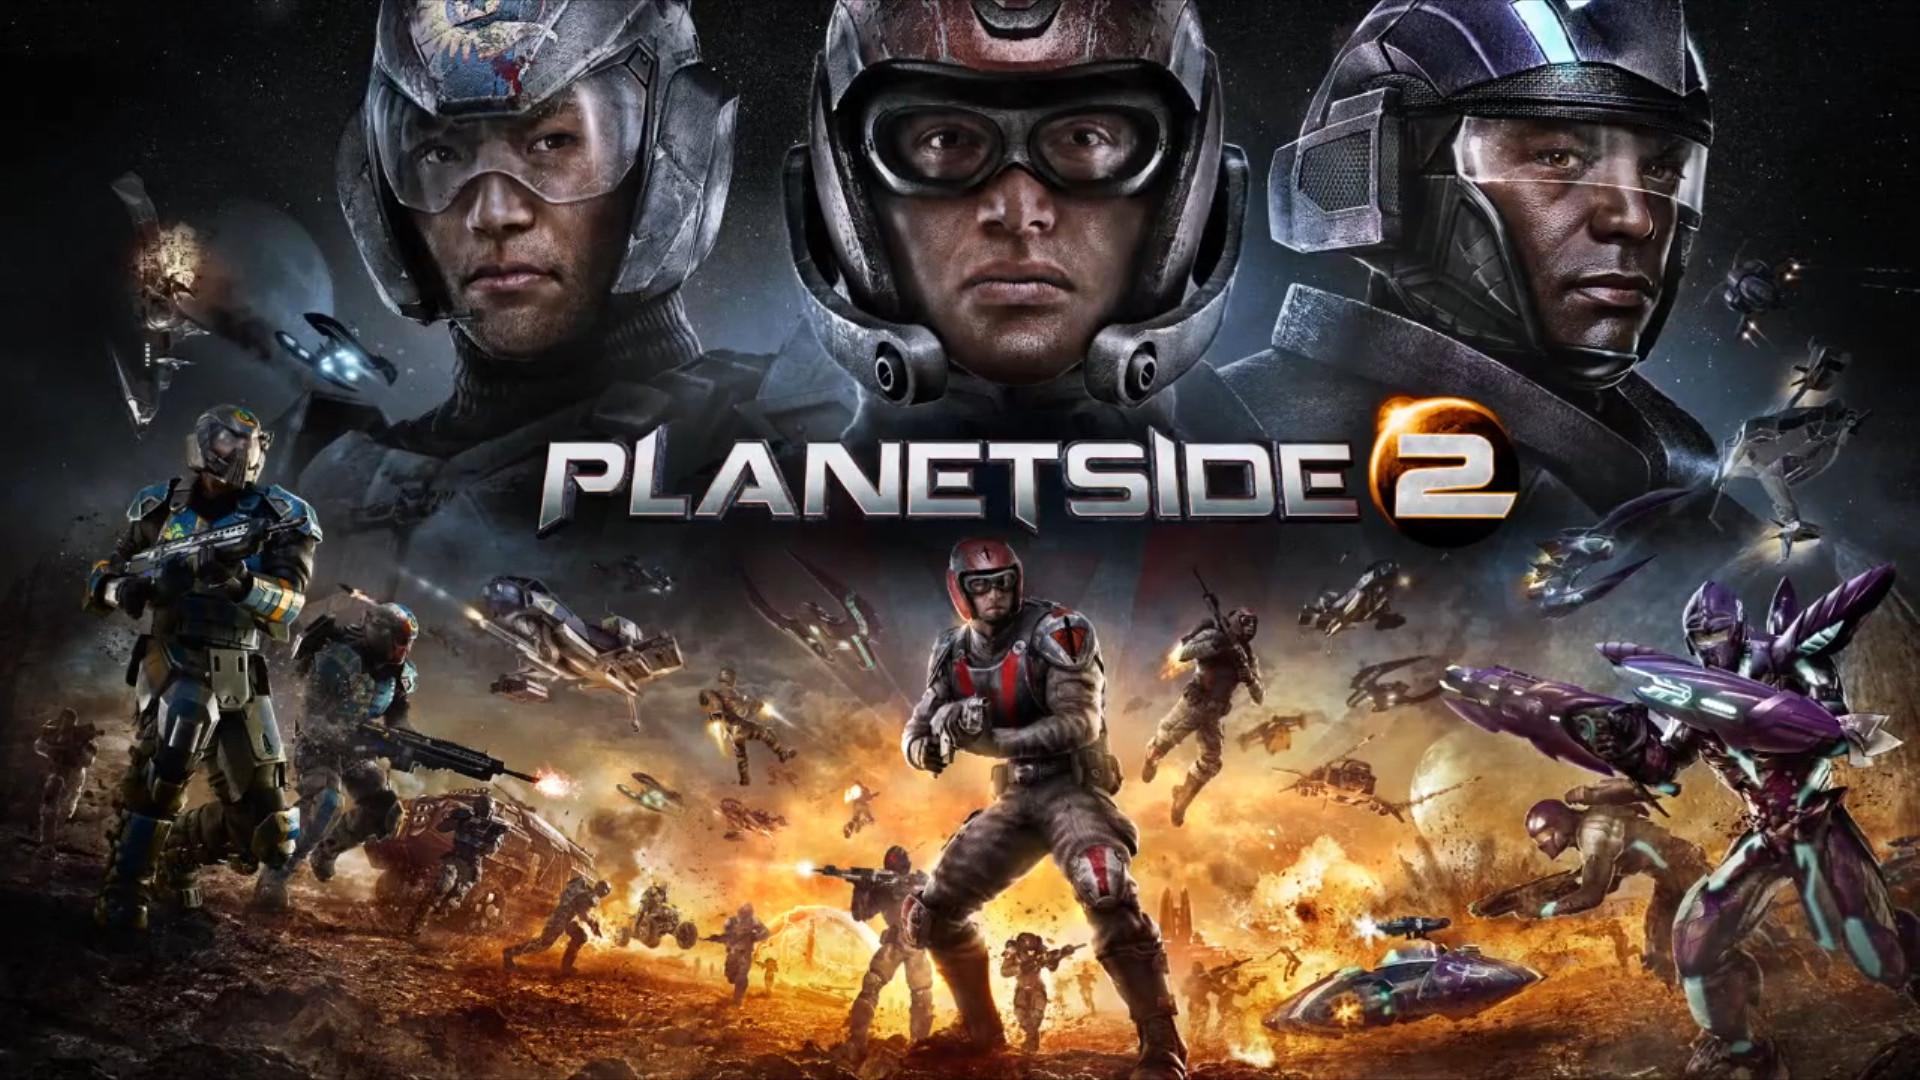 Planetside 2 Promo Art